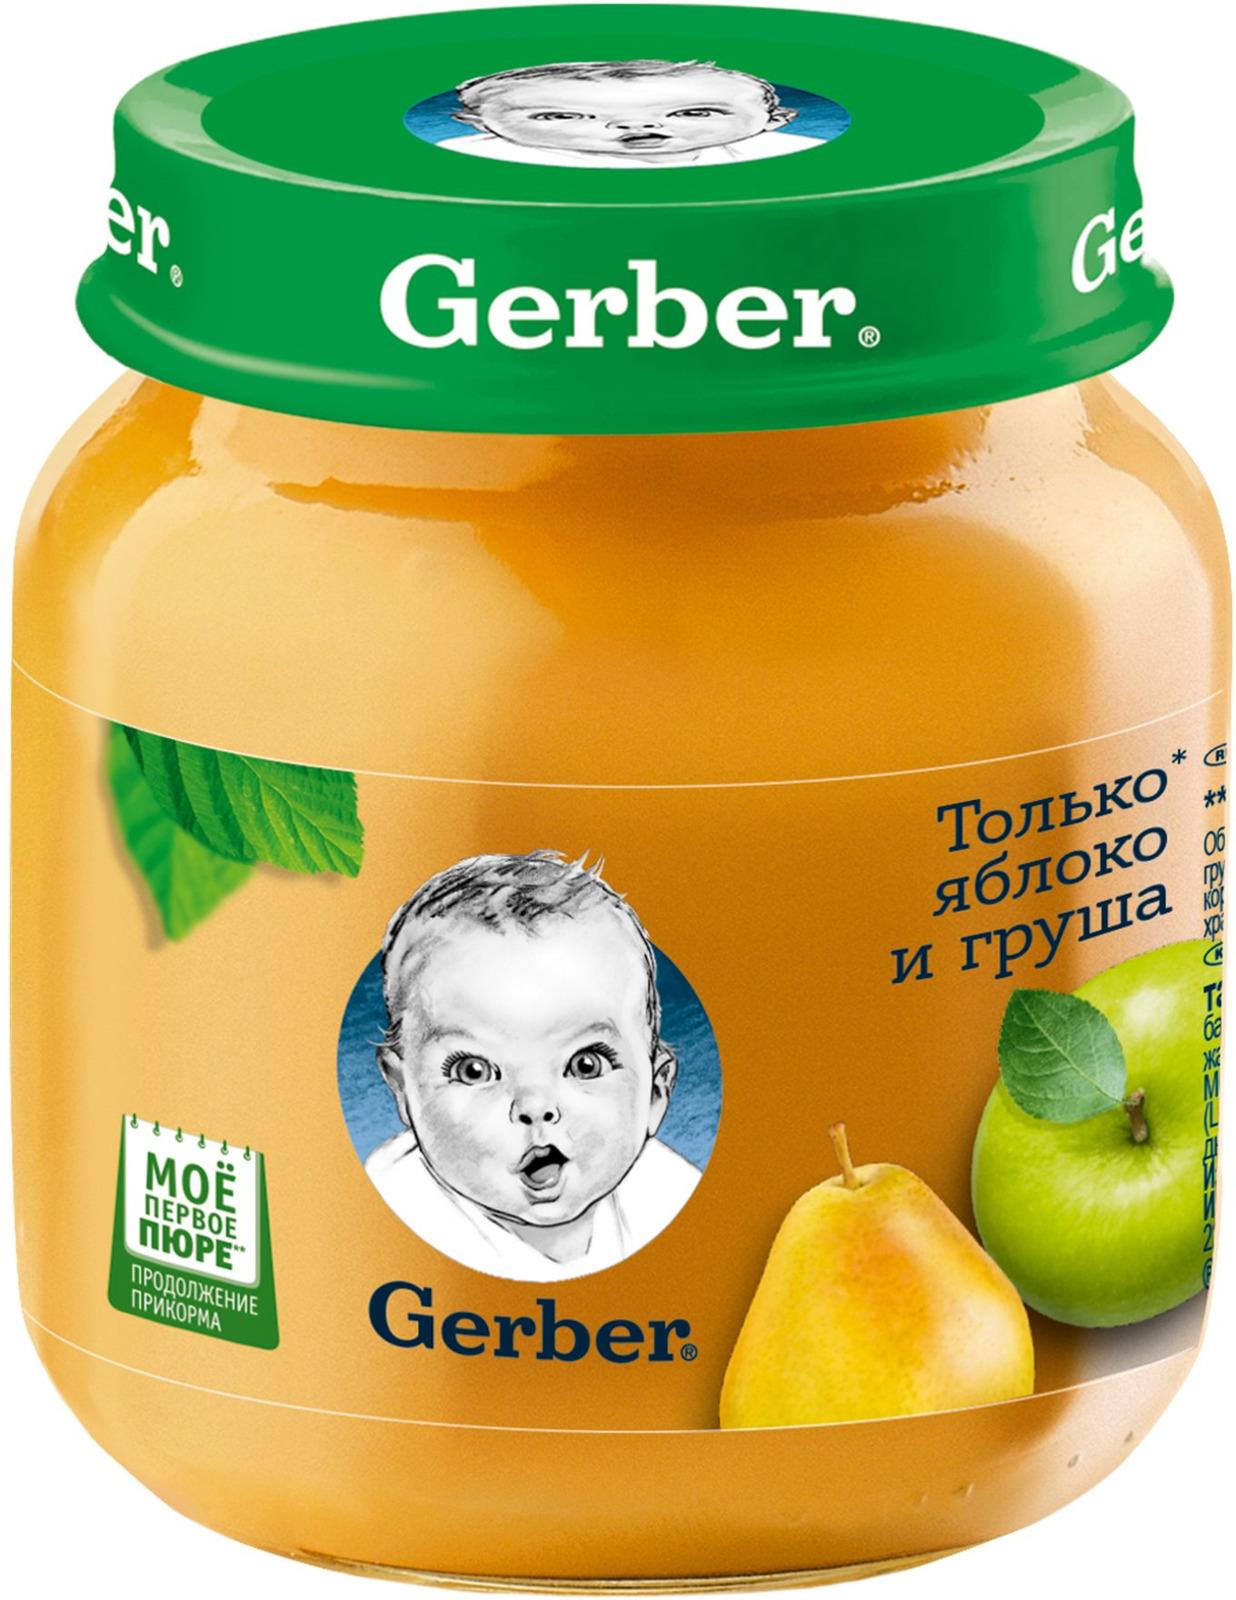 Gerber пюре яблоко и груша, 130 г gerber пюре тыква 130 г